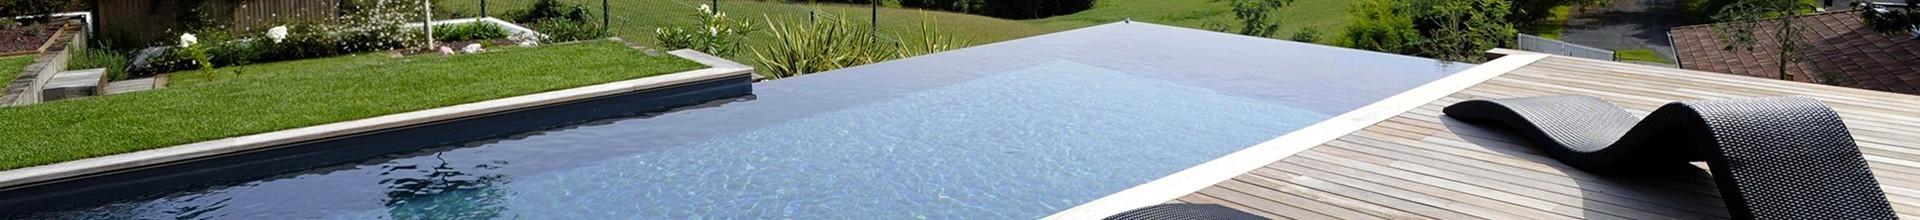 Projet piscine Pays : Suisse : votre projet coque polyester